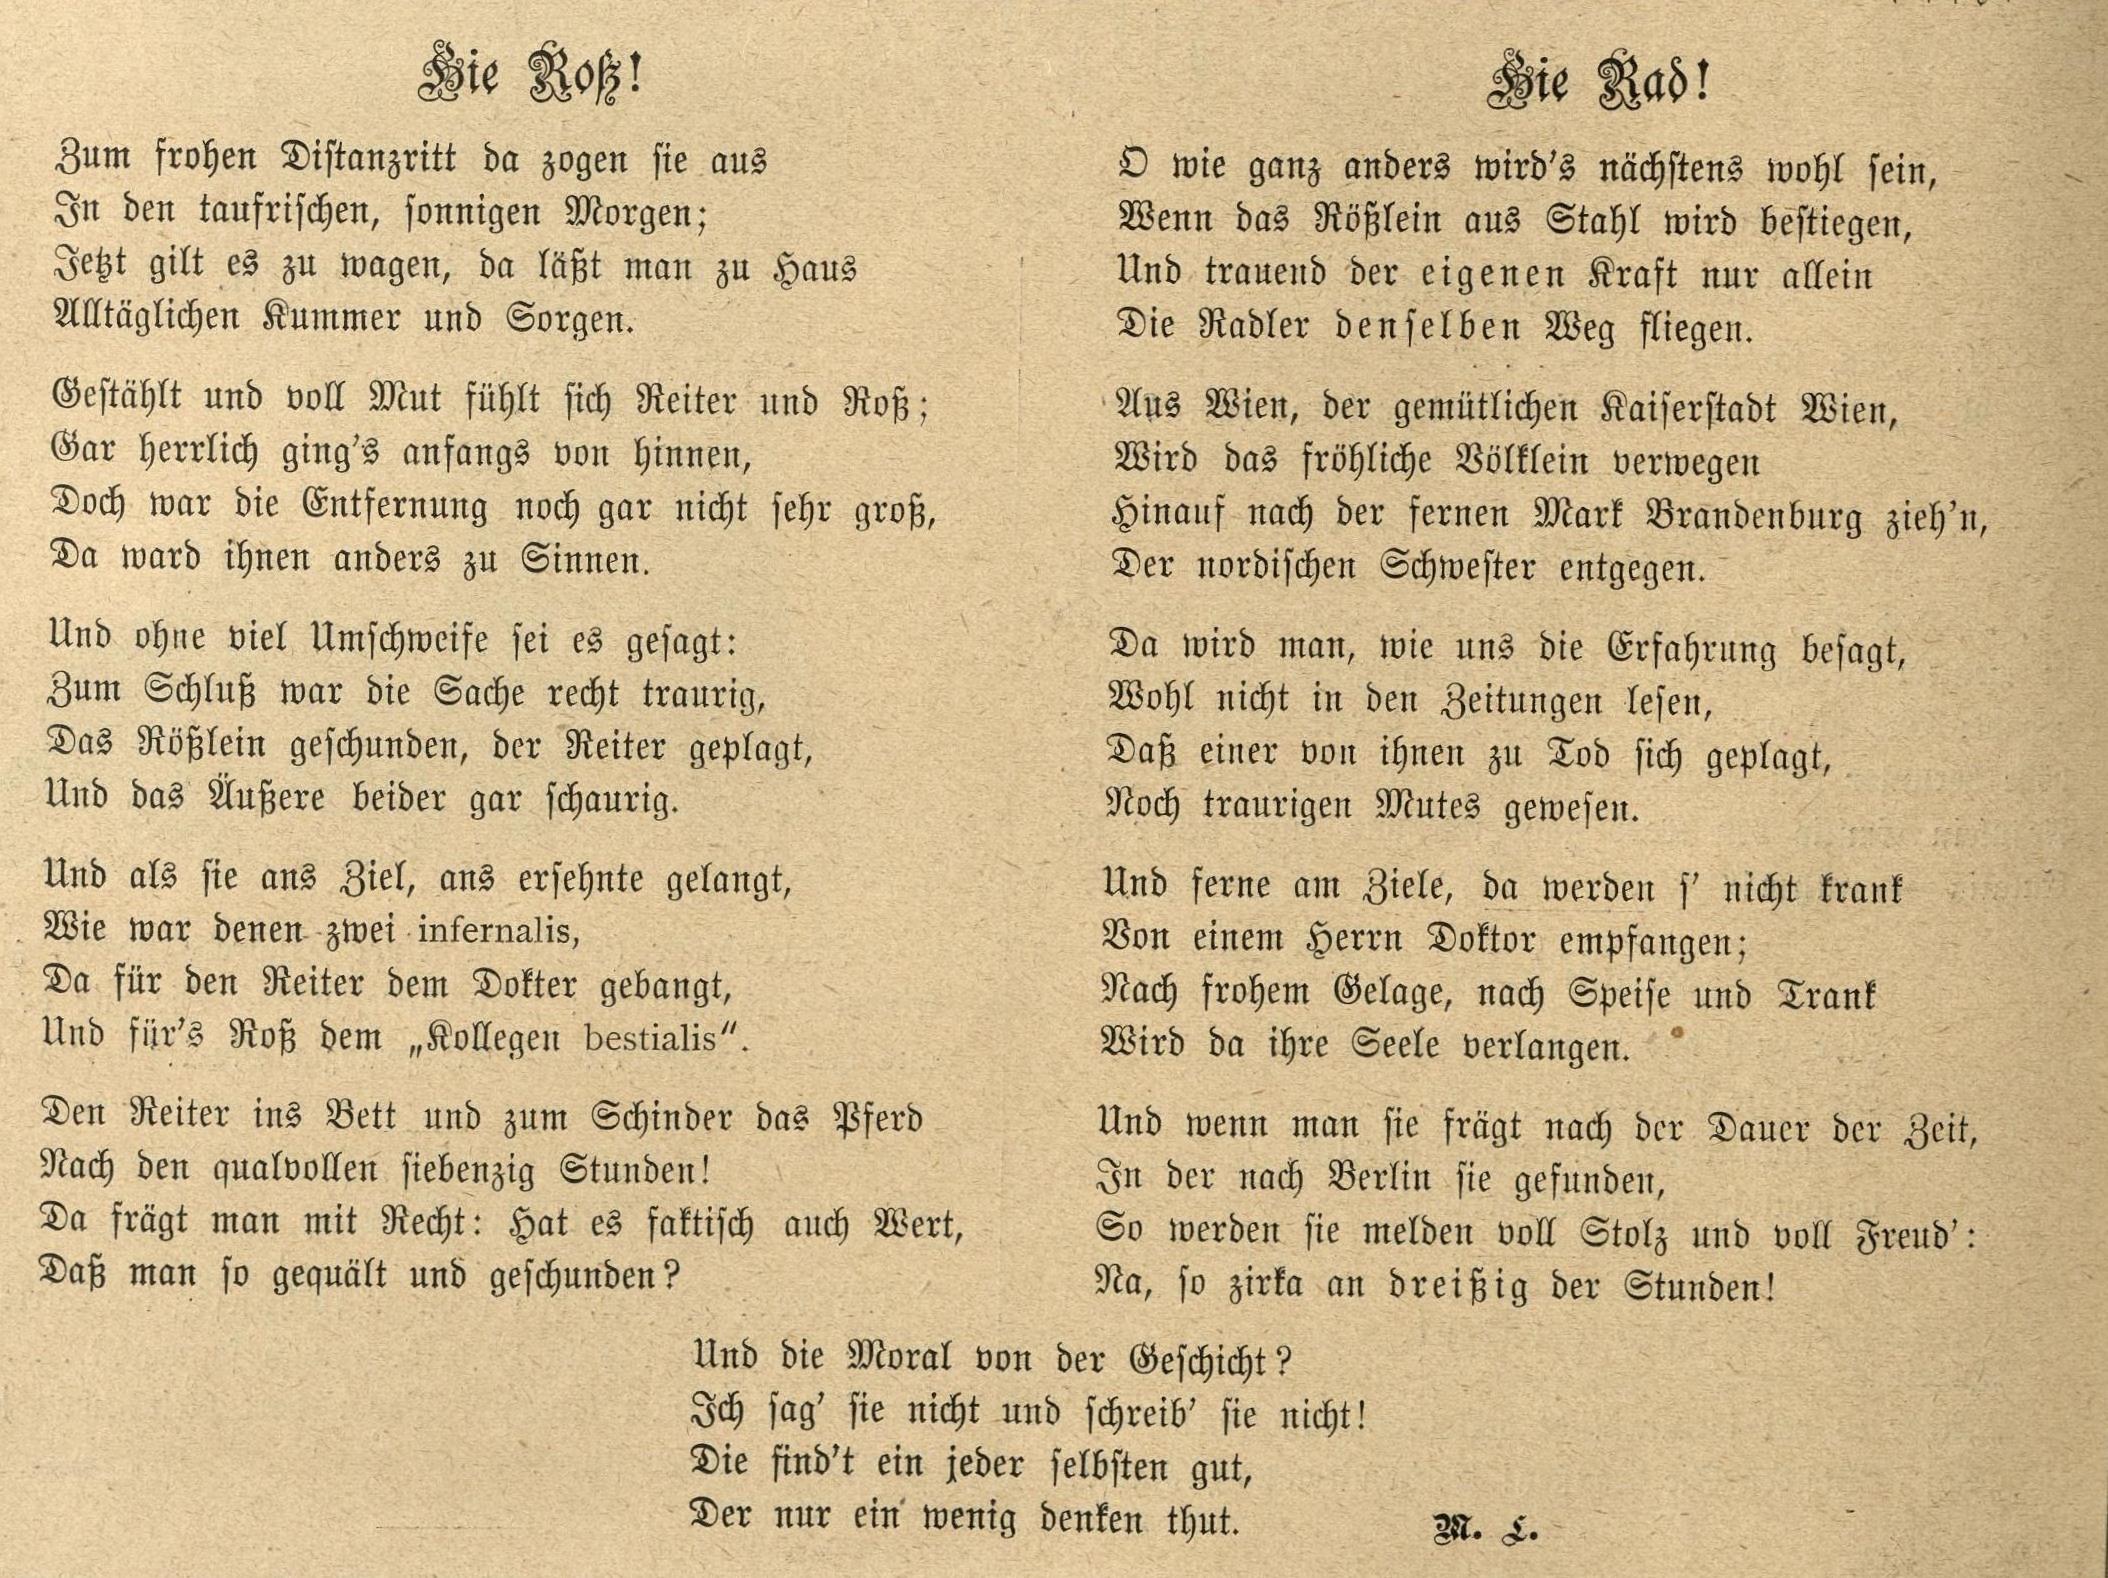 Dieses Gedicht entstand noch vor der Durchführung des Straßenrennens Wien-Berlin